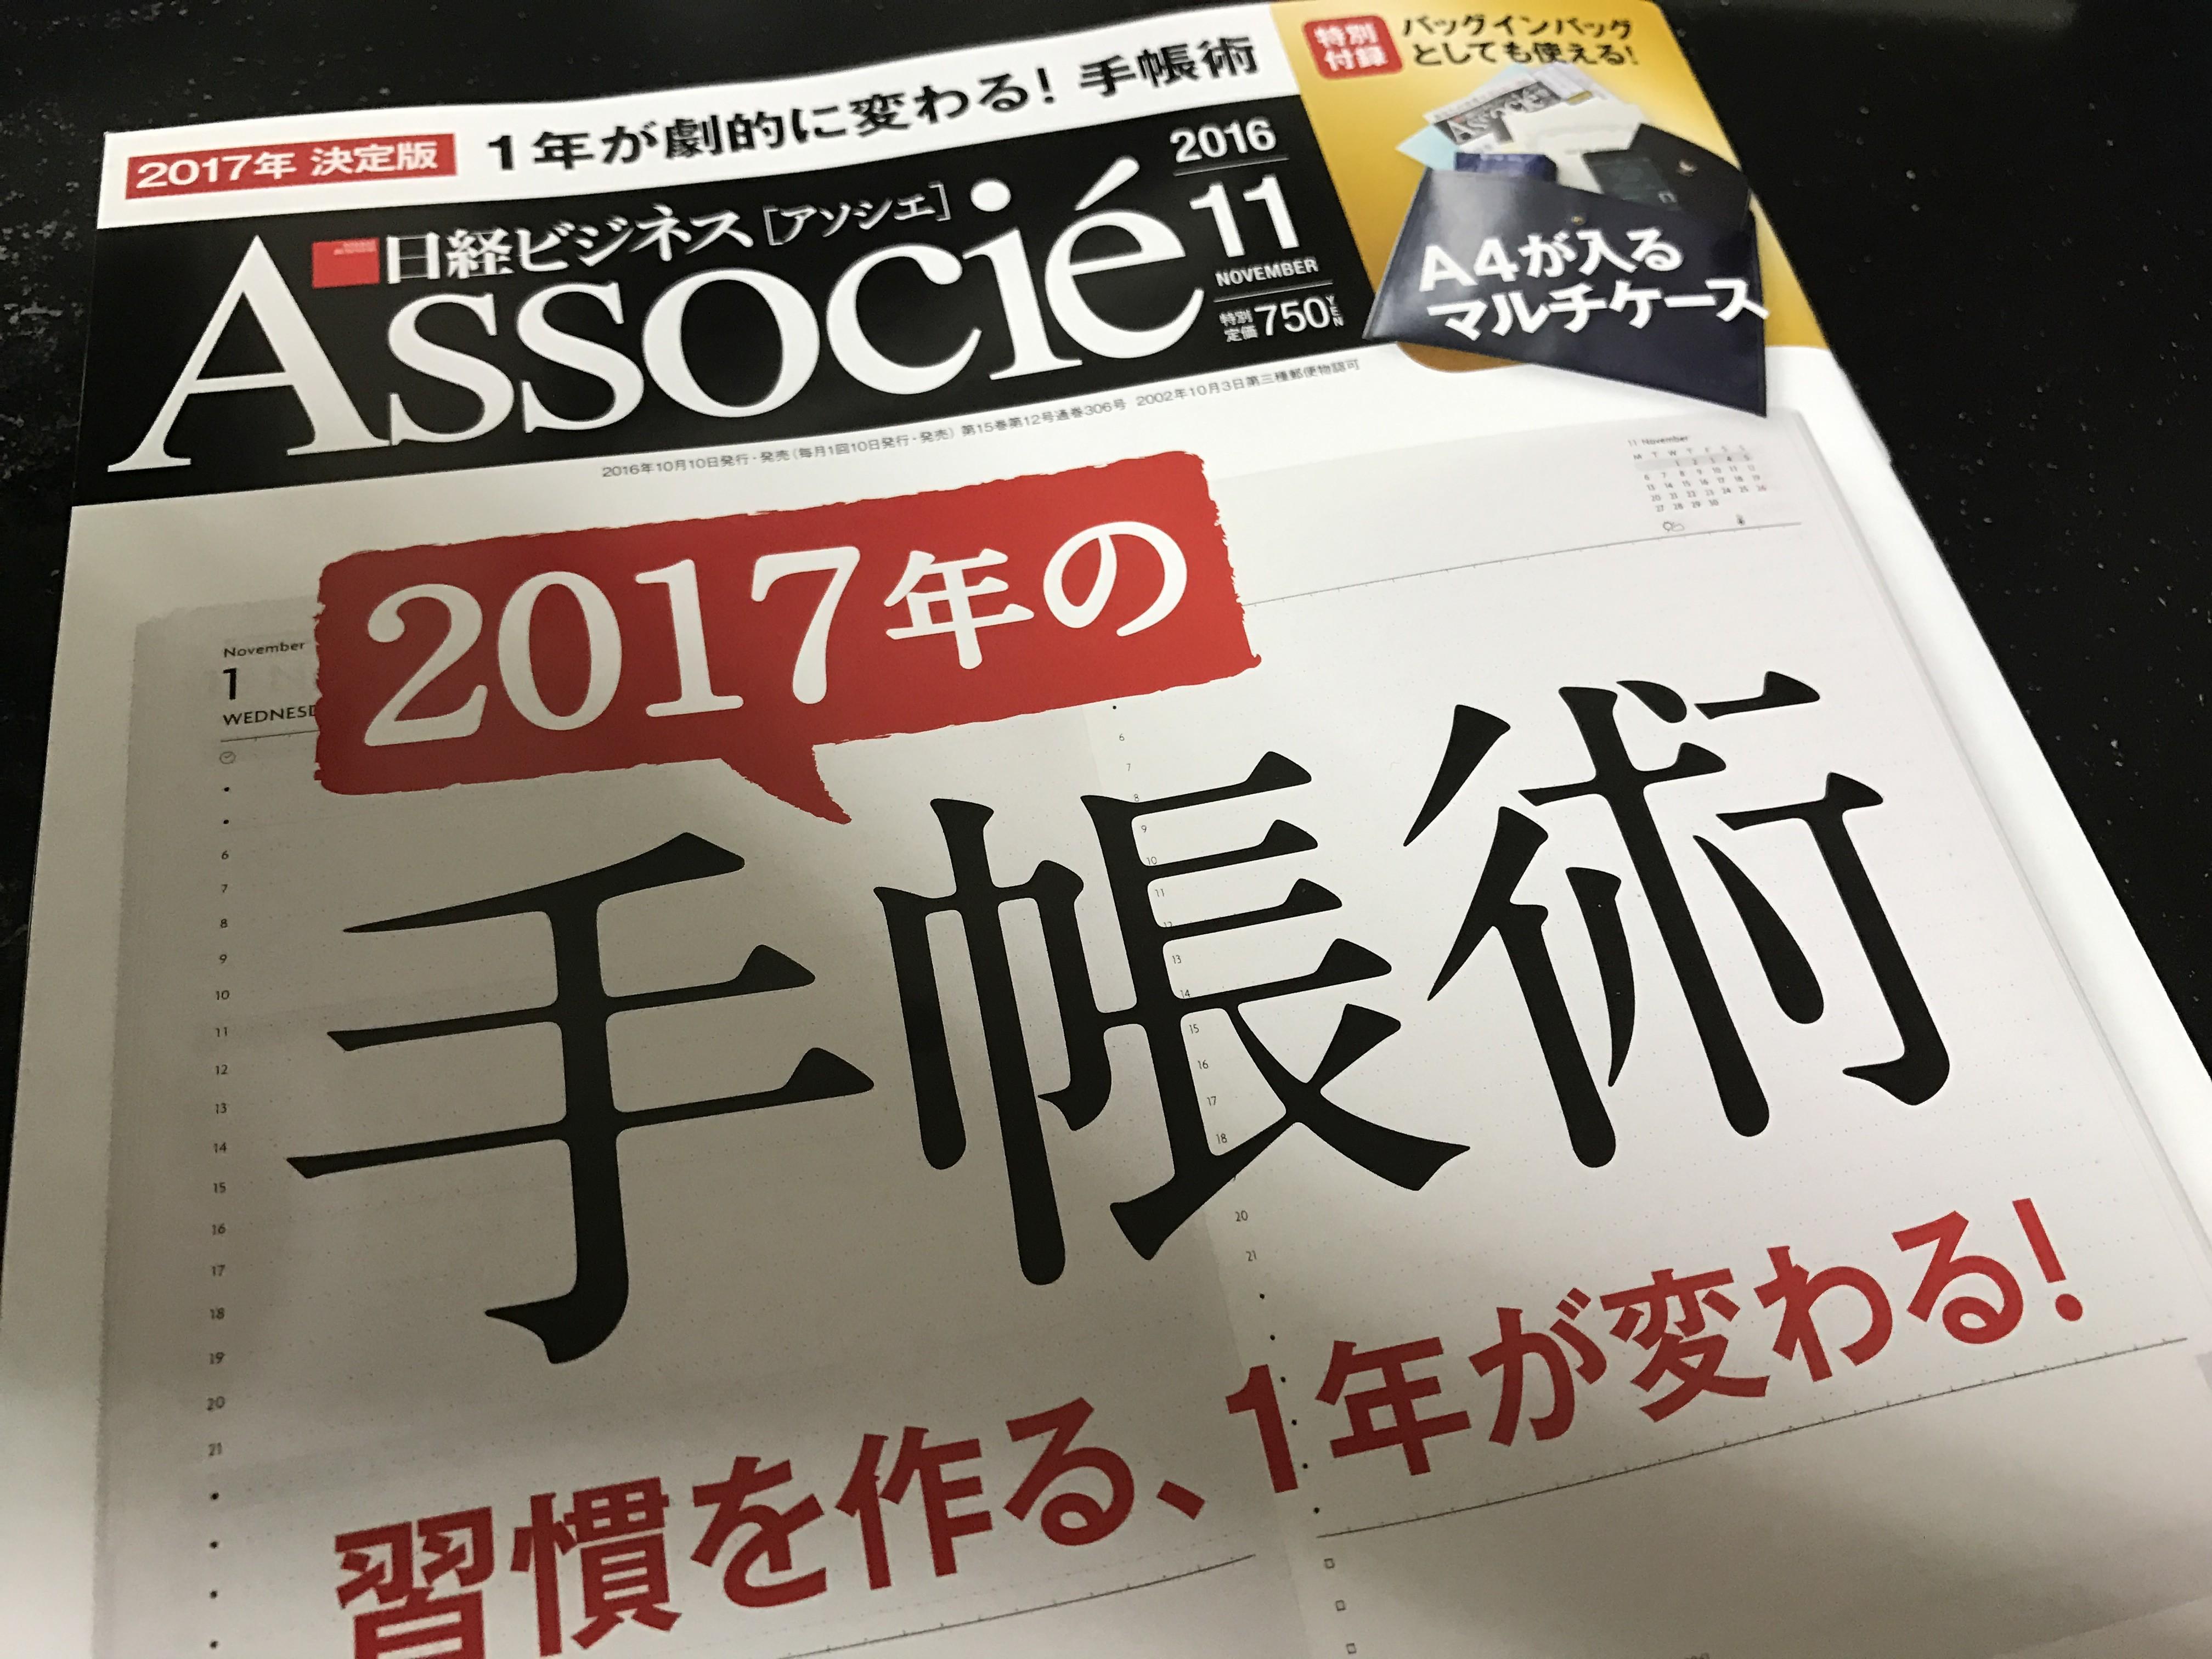 日経ビジネスアソシエ・2017年の手帳術特集に取材協力しました。